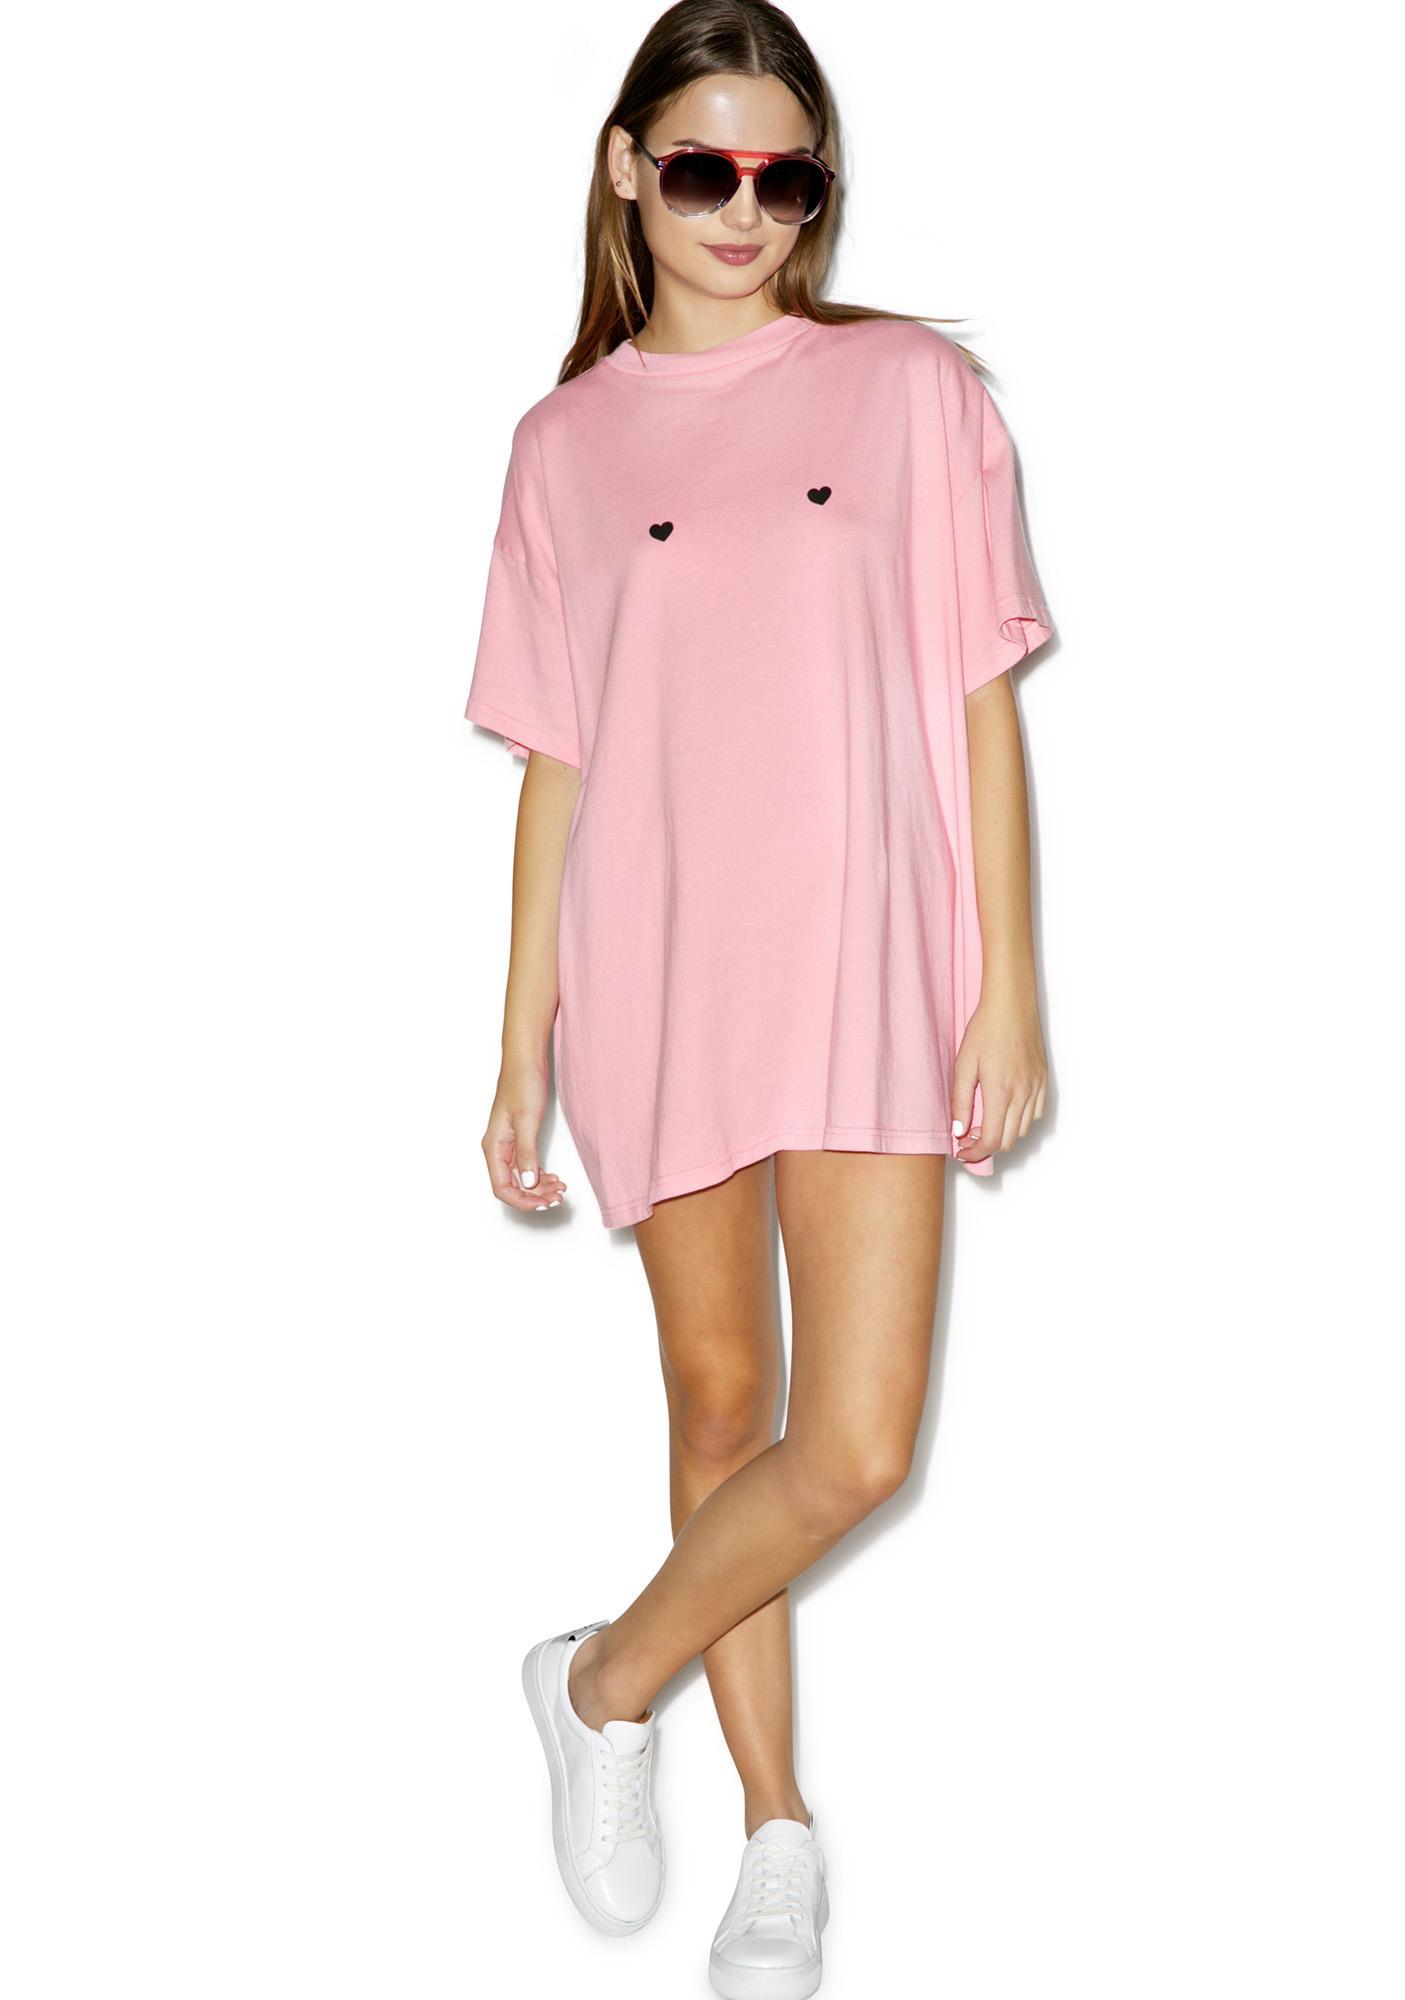 Lazy Oaf Tiny Hearts Oversize T-Shirt